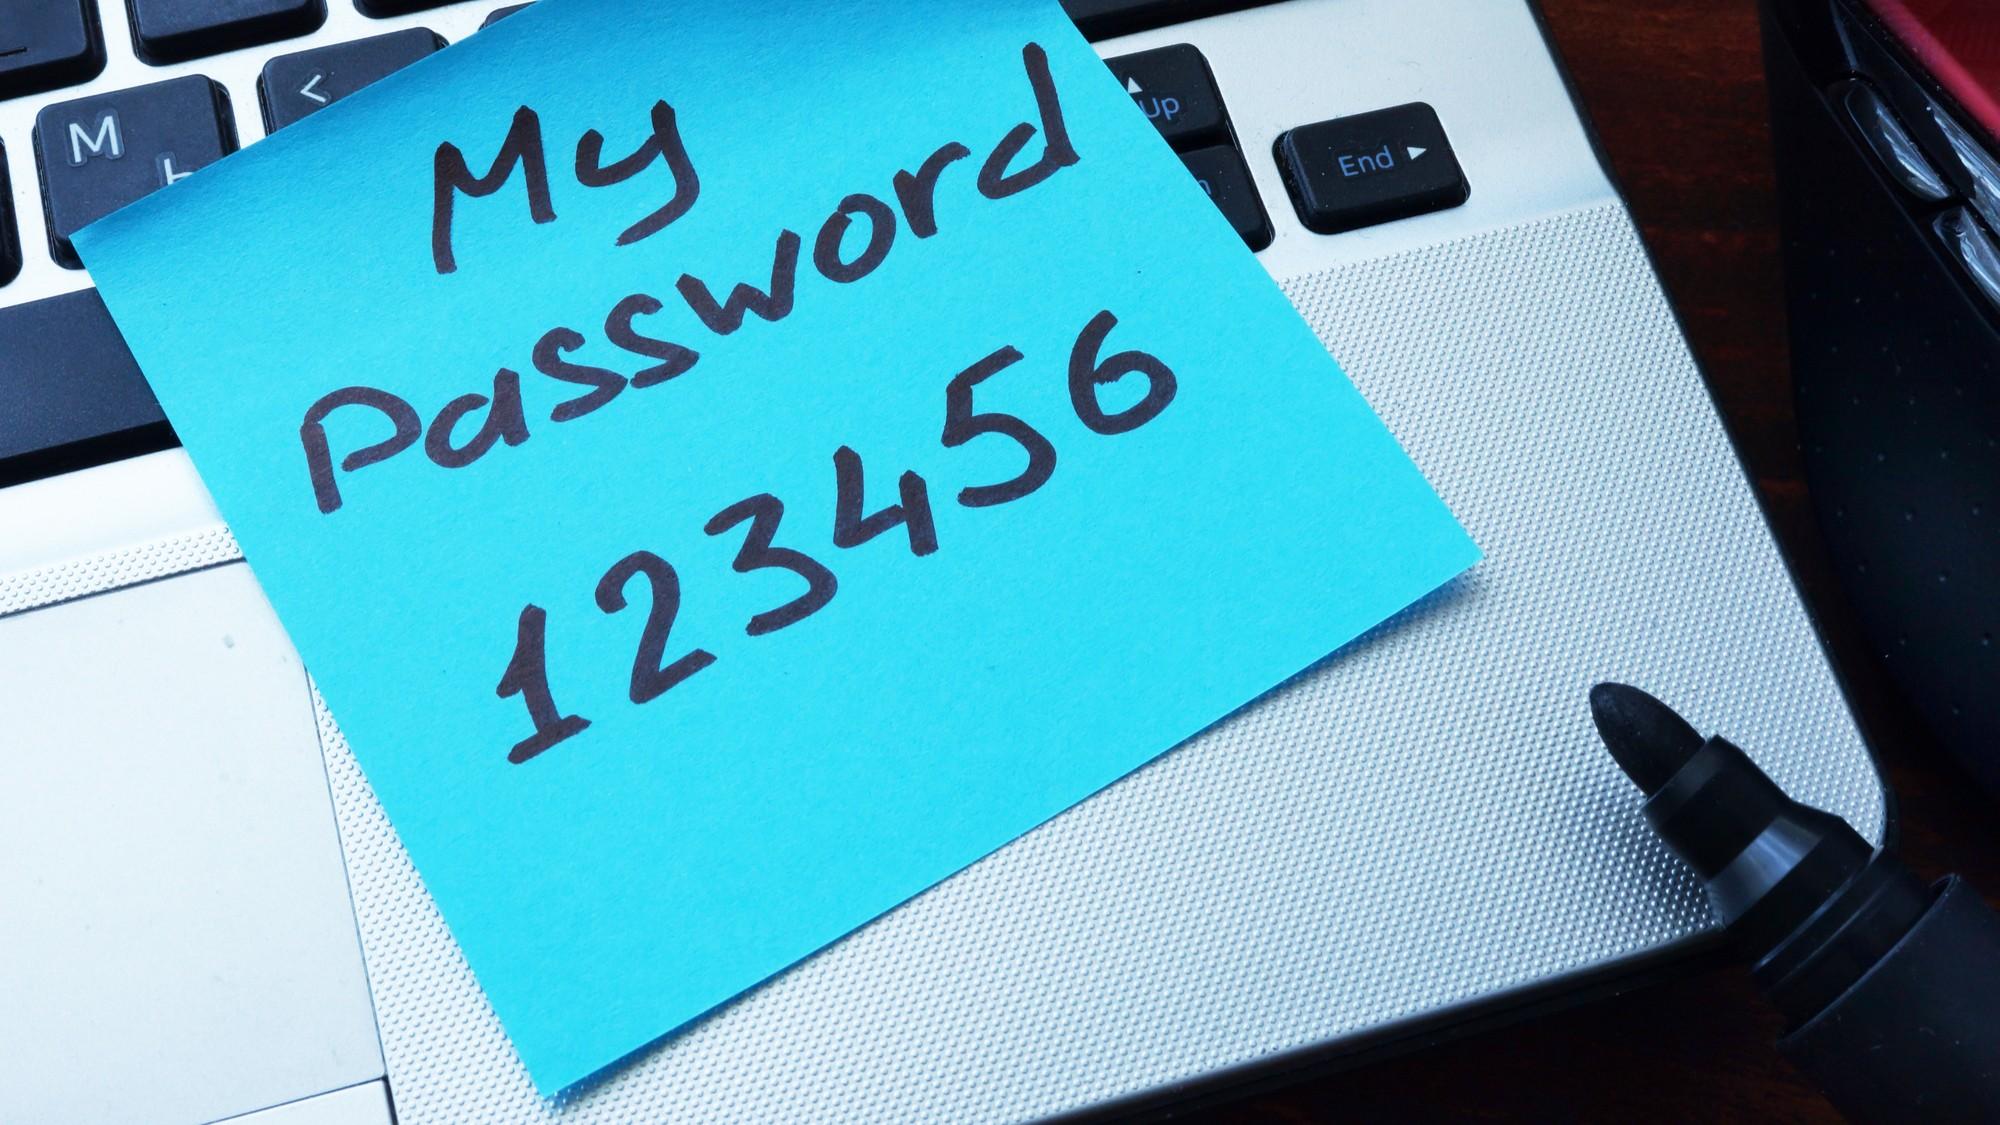 Аккаунты пользователей интернет-магазинов пытаются взломать 115 млн раз ежедневно